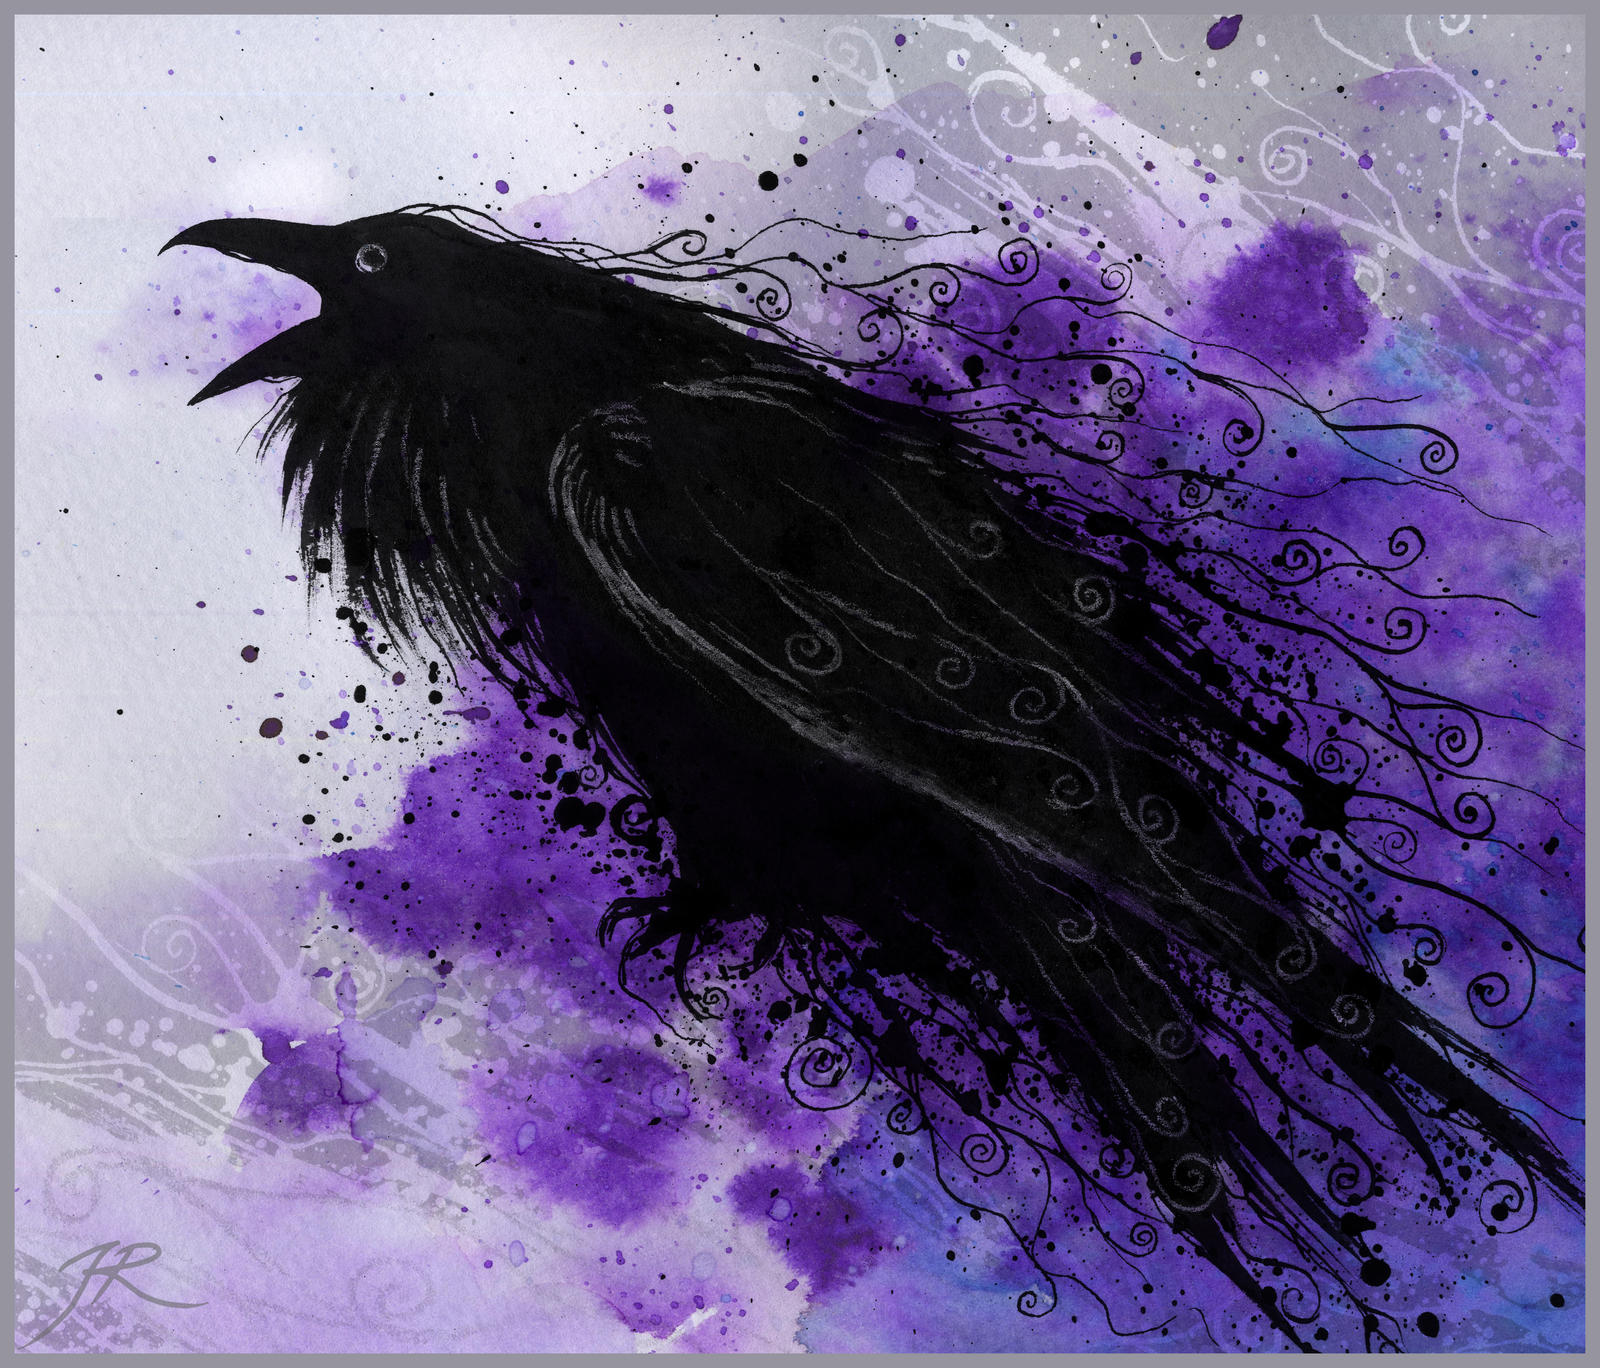 My dream raven by JR-Dragona